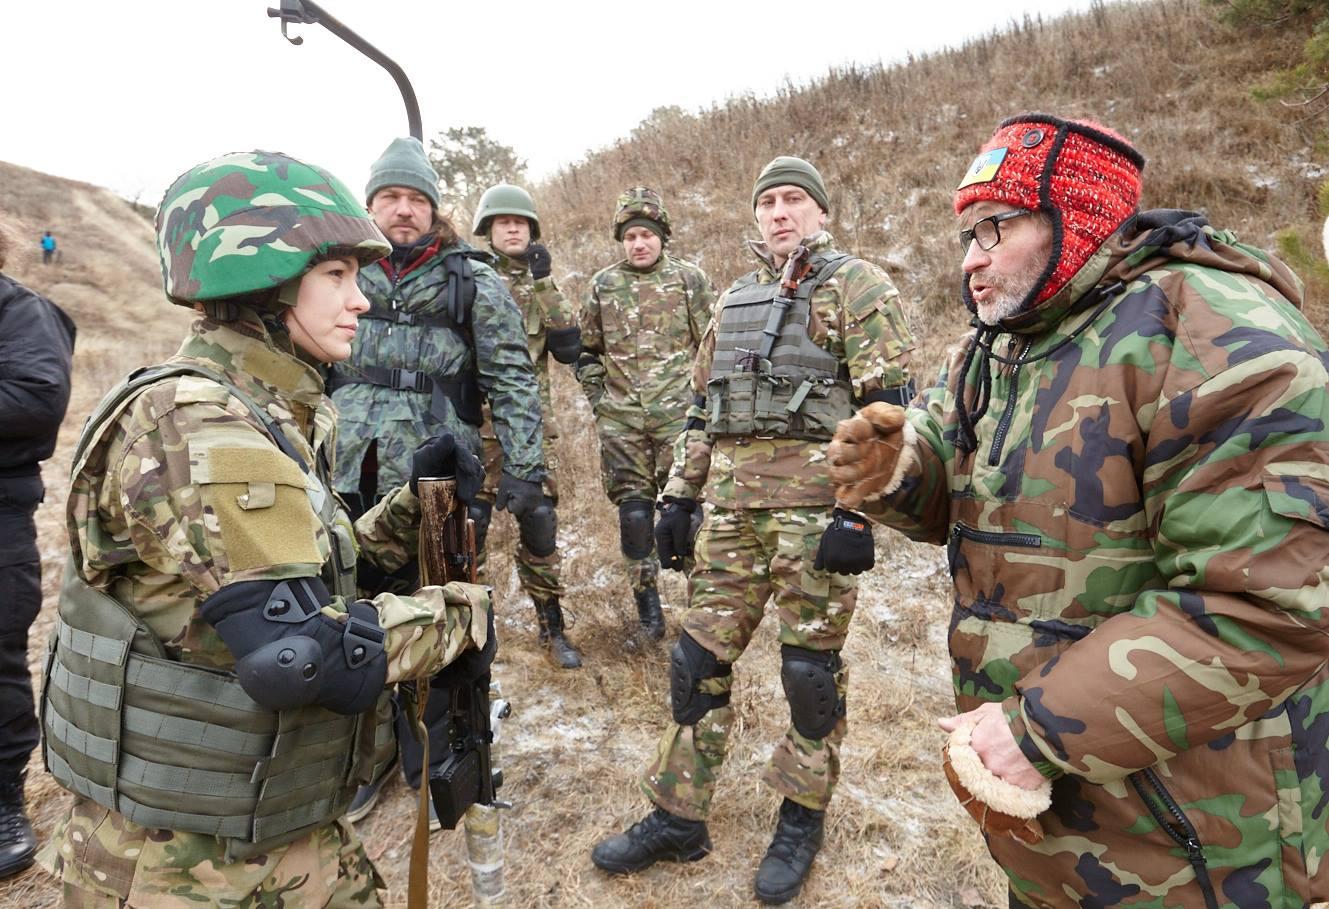 Олексій Шапарев: У кожного своя війна, і якщо не в окопі на передовій, то хоча б свої знання і талант застосую в боротьбі за Україну 2